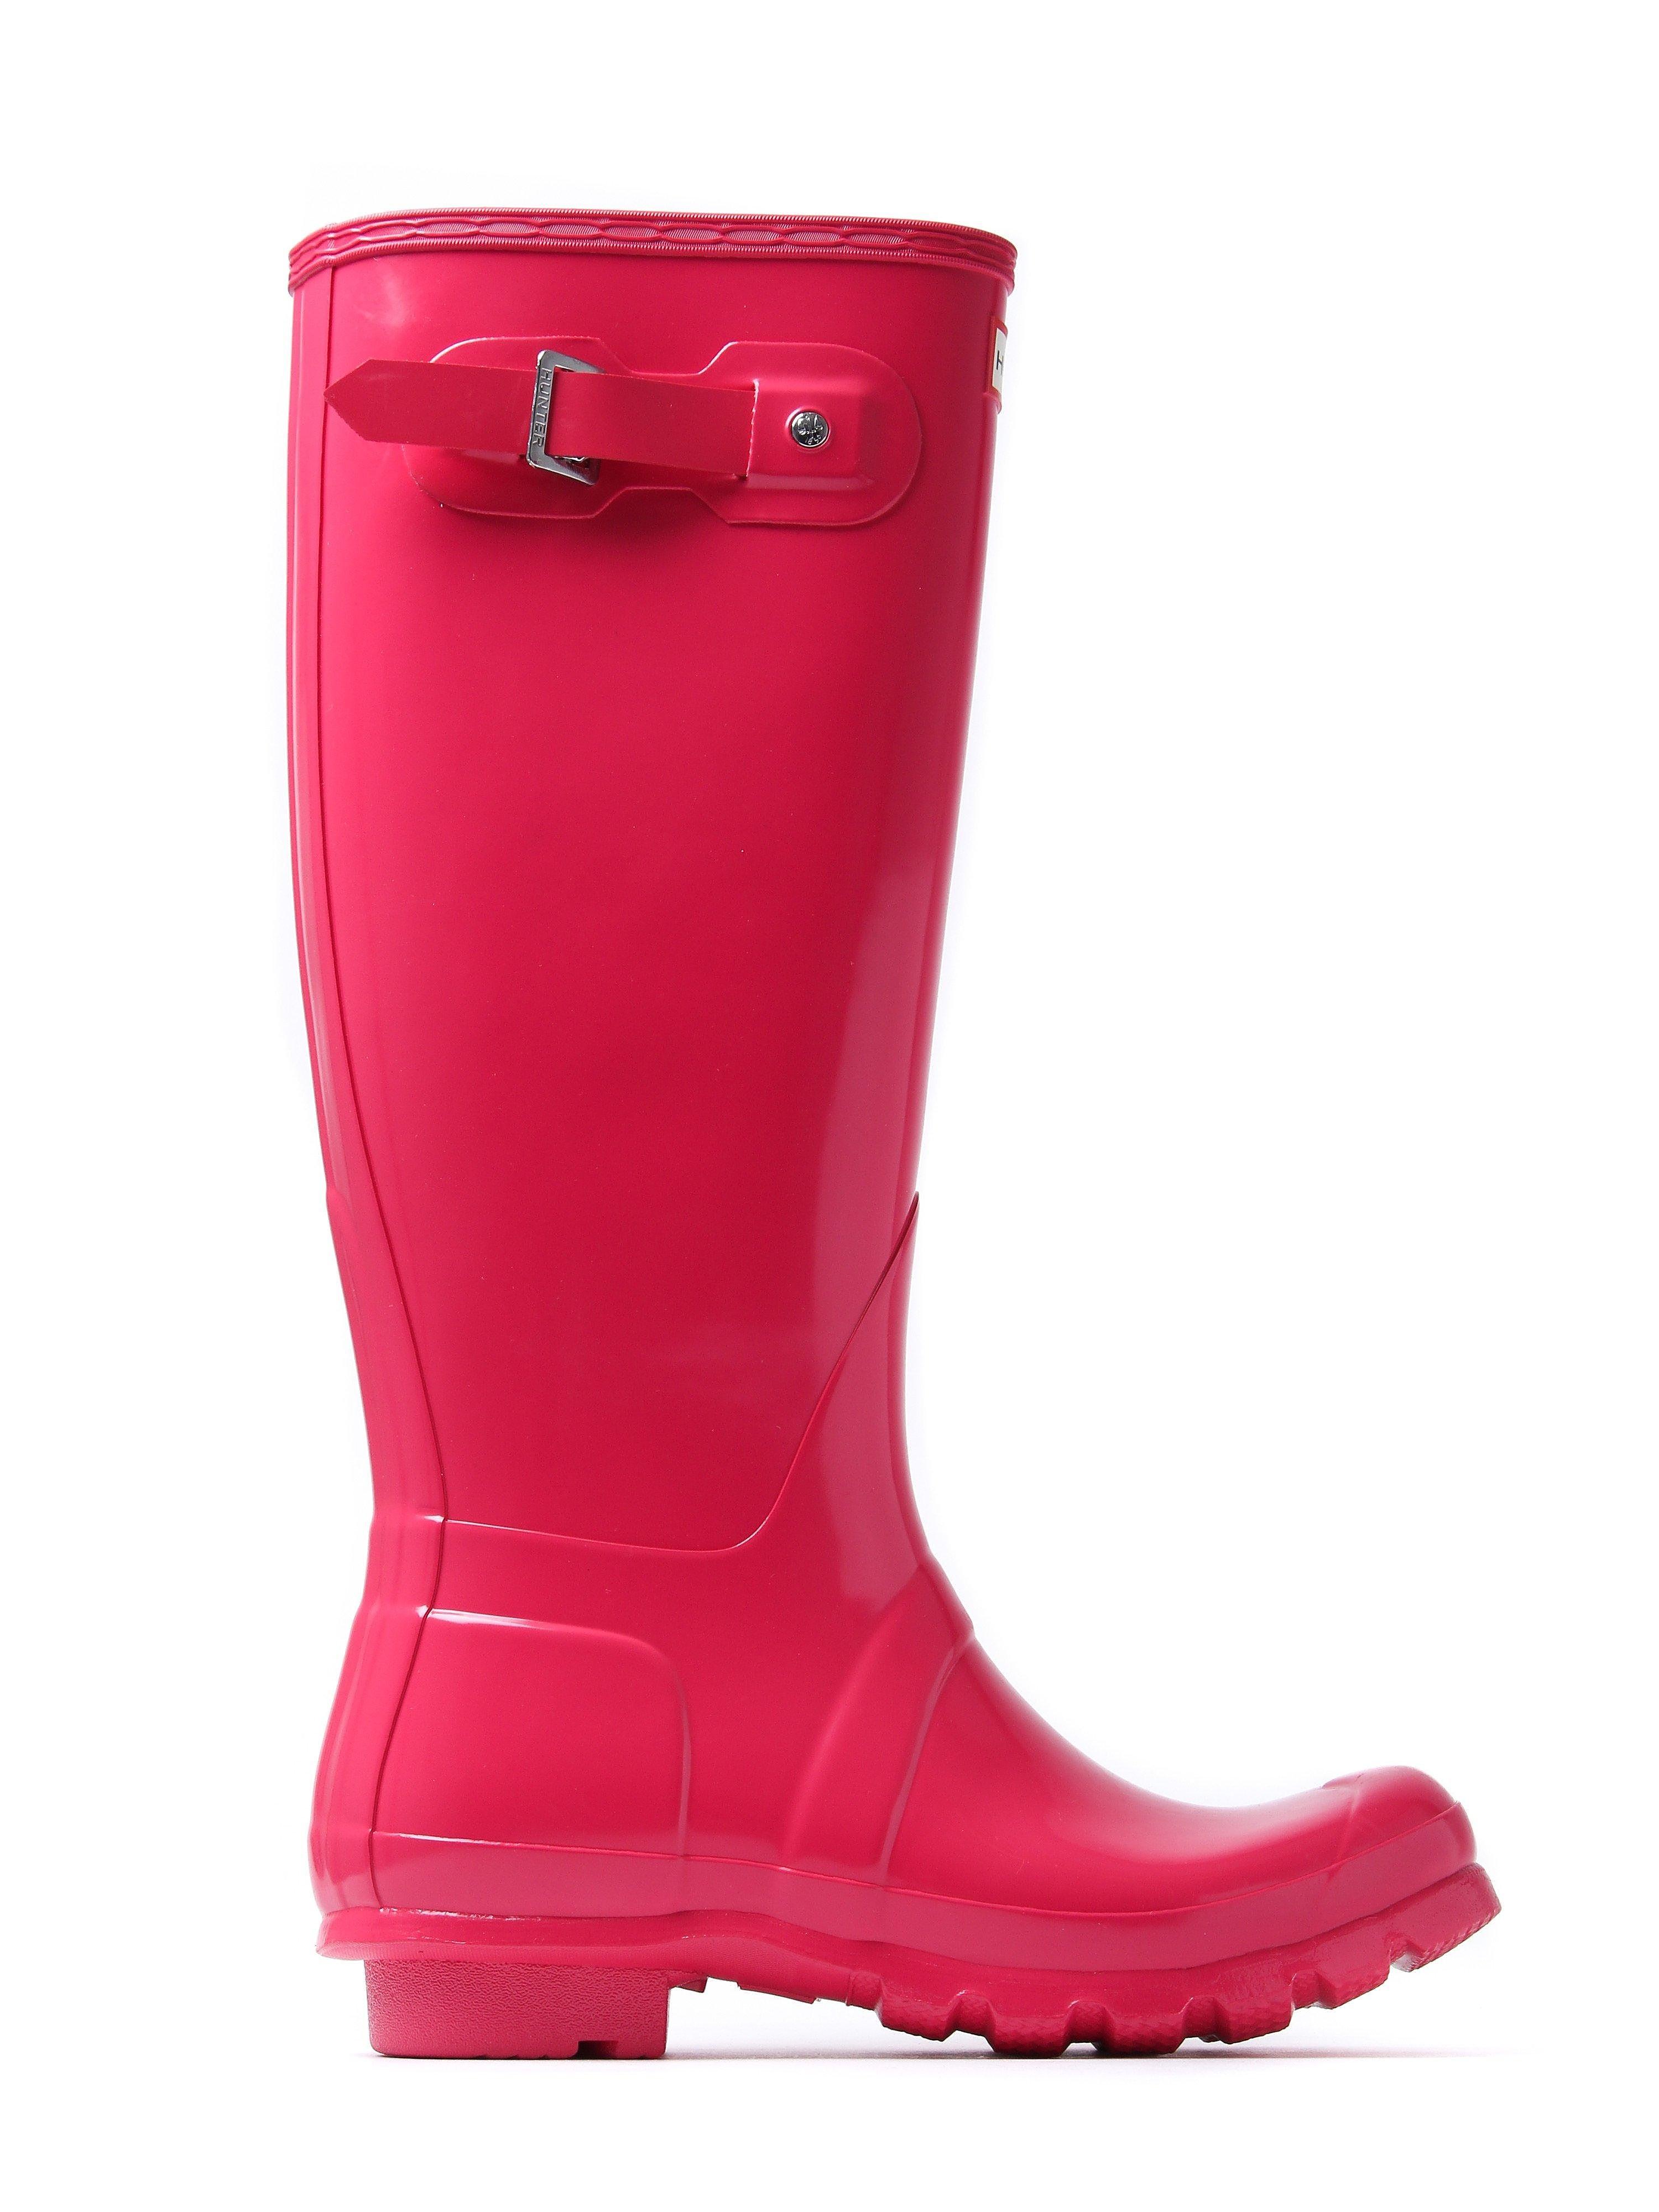 Hunter Wellies Women's Original Tall Wellington Boots - Bright Pink Gloss